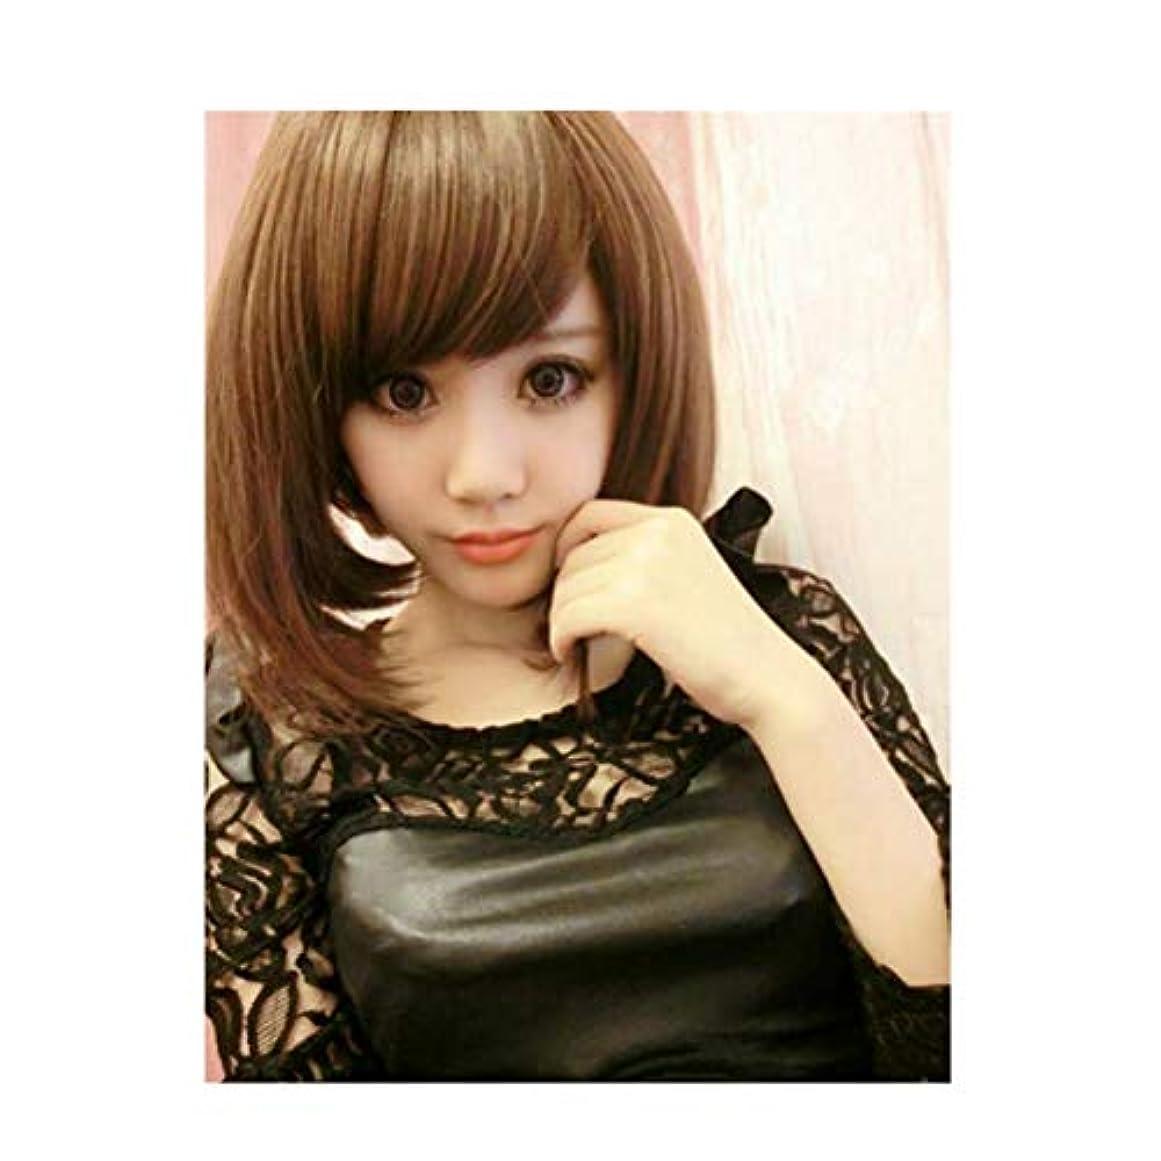 問い合わせ位置づける飲食店かつら女性の茶色の斜め前髪化学繊維ショートヘア高温ワイヤーLH2201 (ライトブラウン)